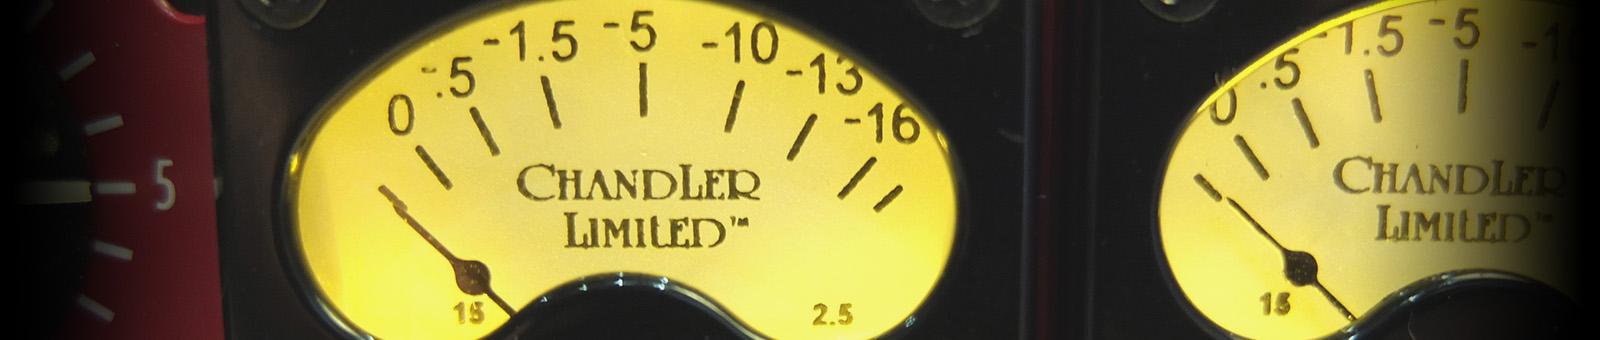 Chandler VU Meter